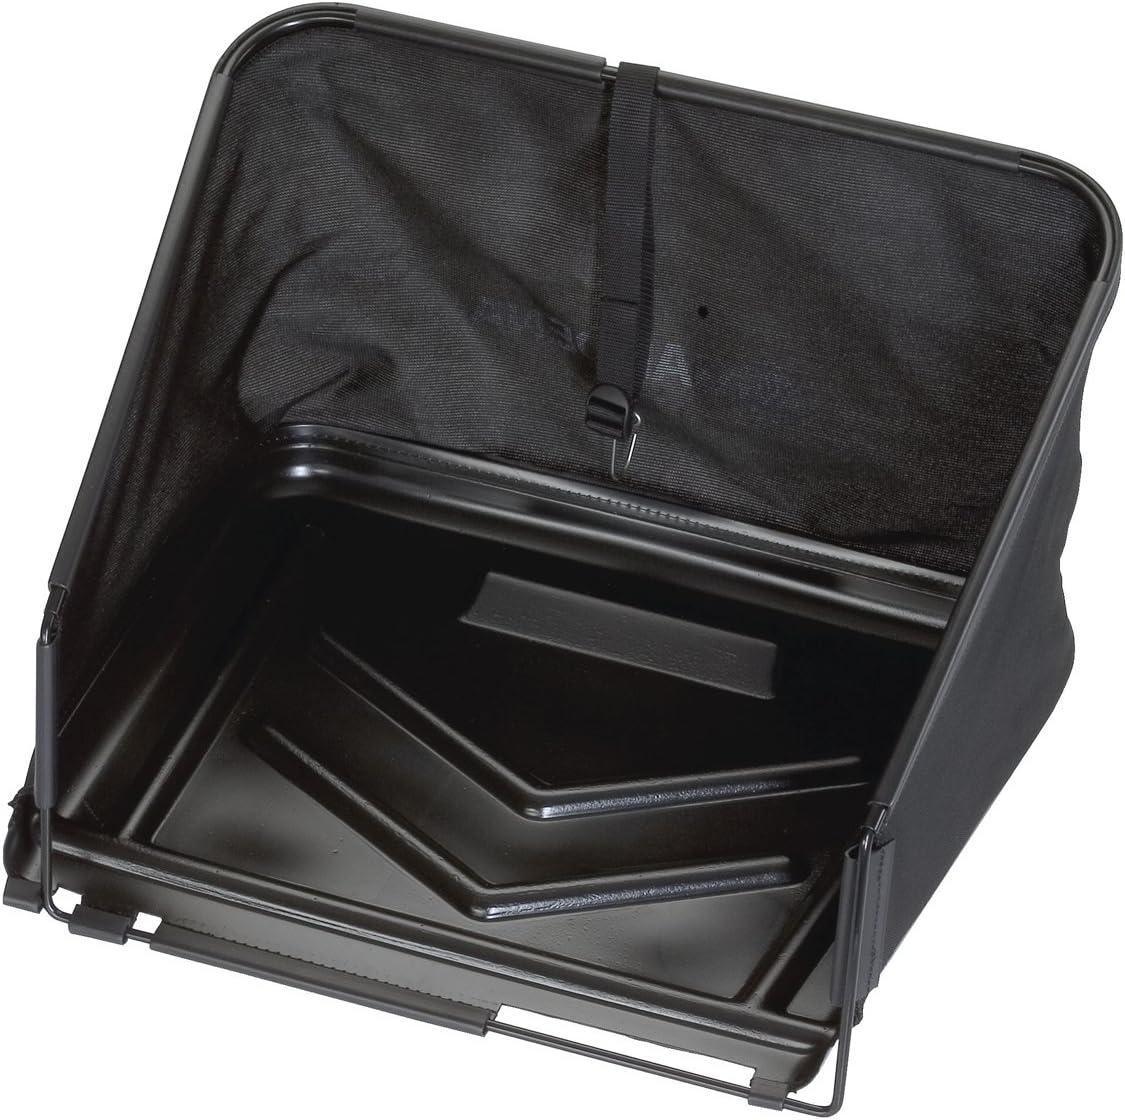 Cesta de recogida de césped GARDENA: caja de recogida apta para todos los cortacéspedes helicoidales GARDENA (por ej. 330, 400, 400 C, 380 EC), capacidad 35 - 49 l (4029-20)